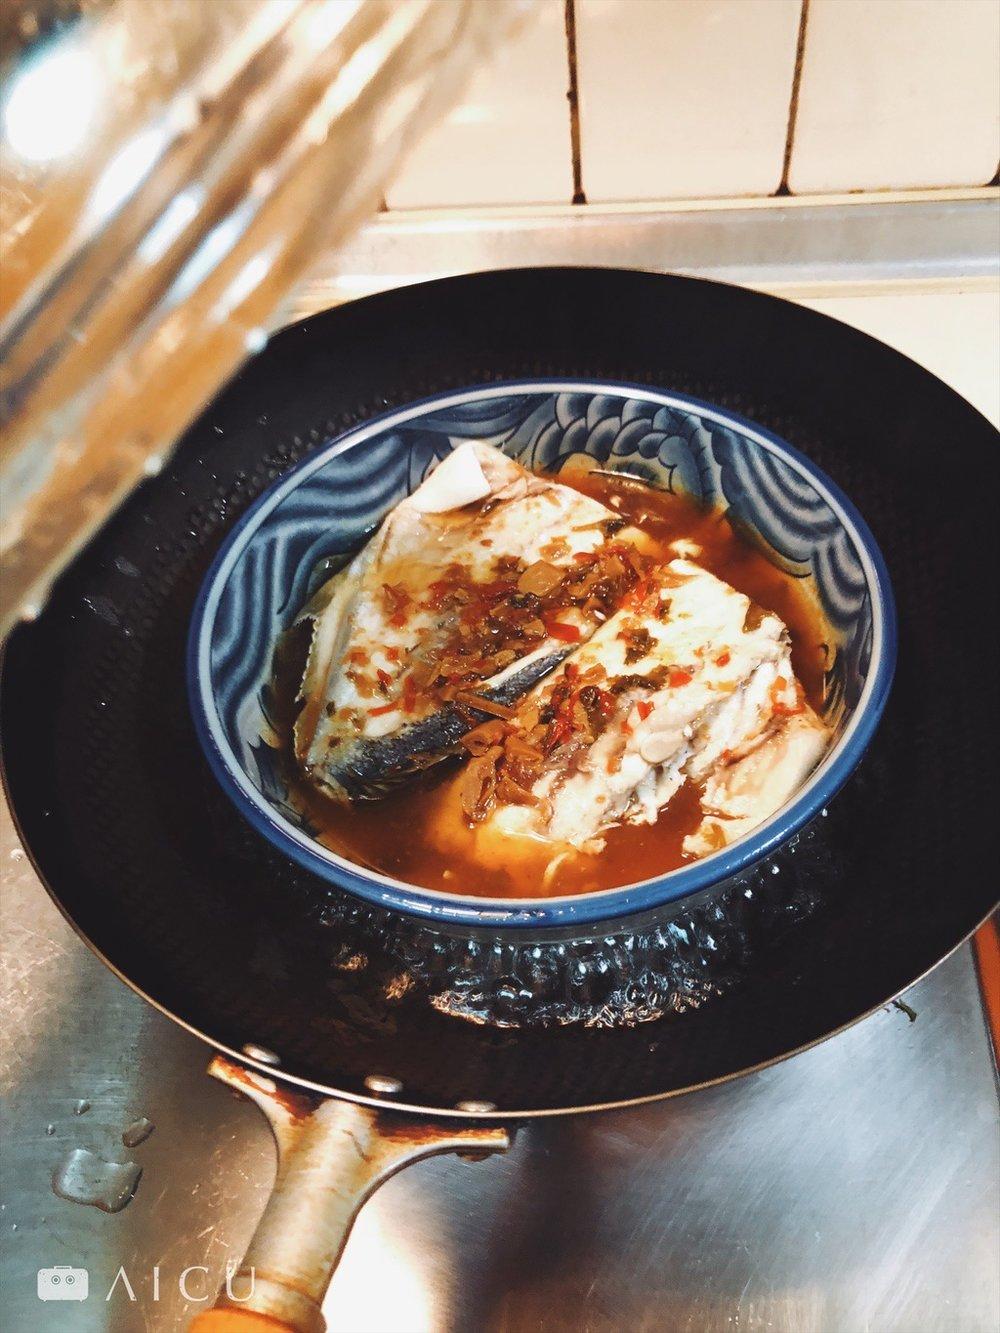 28公分寶迪鍋蓋 -